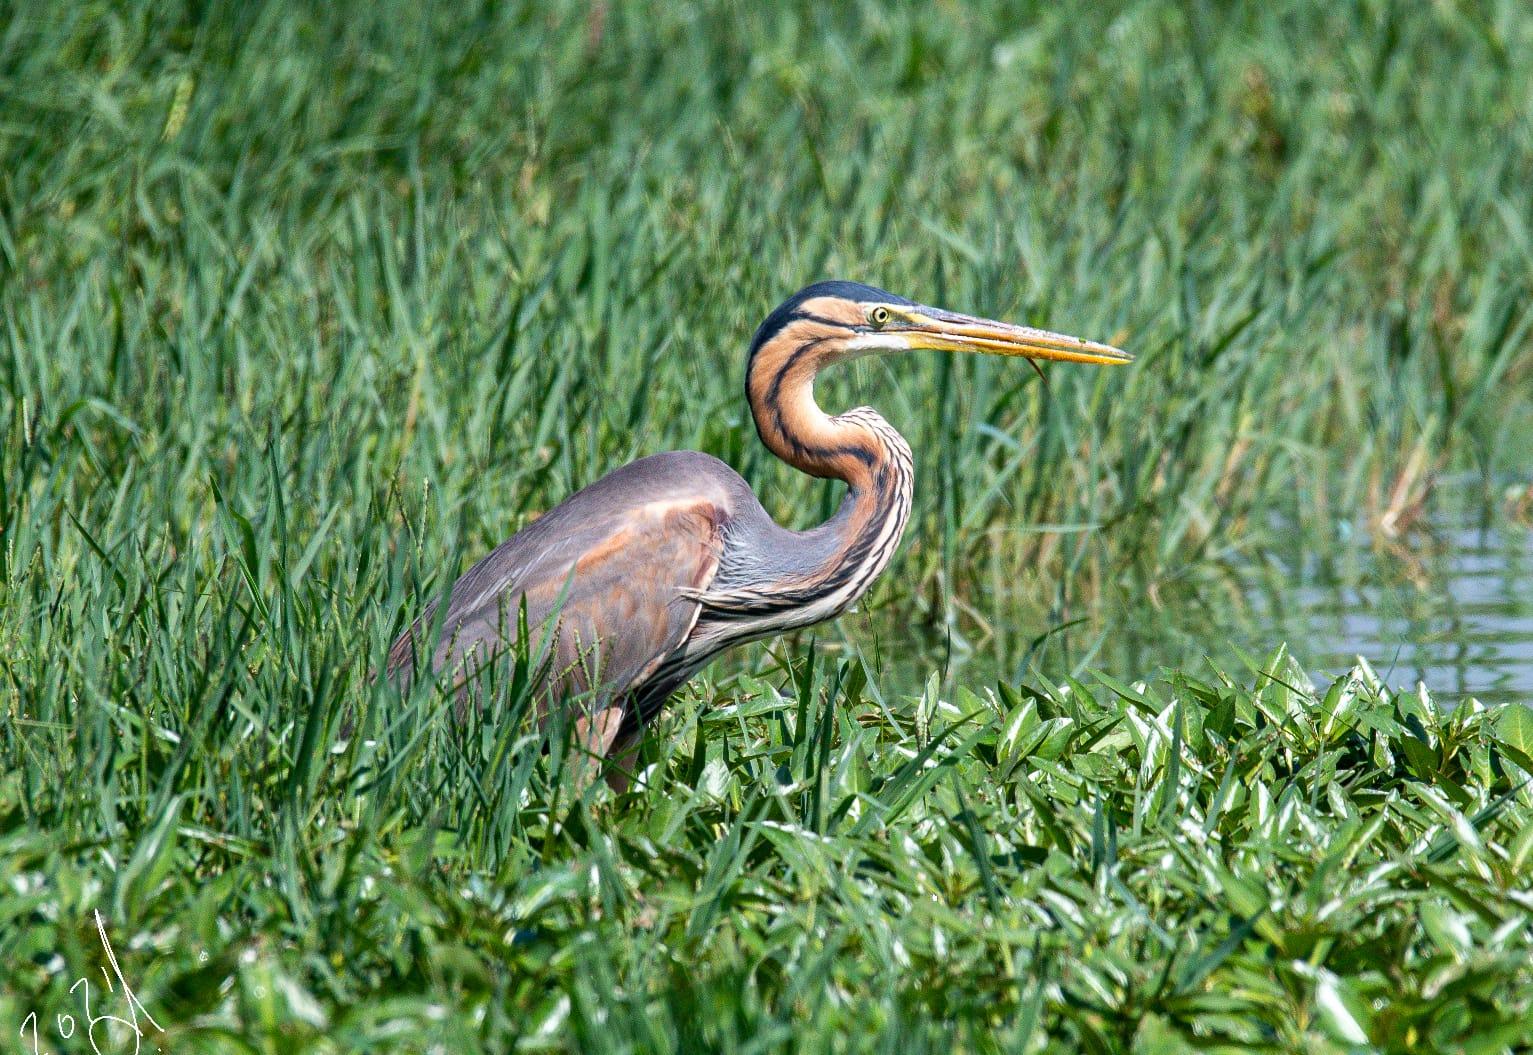 ציפור אנפה ארגמנית בשדה